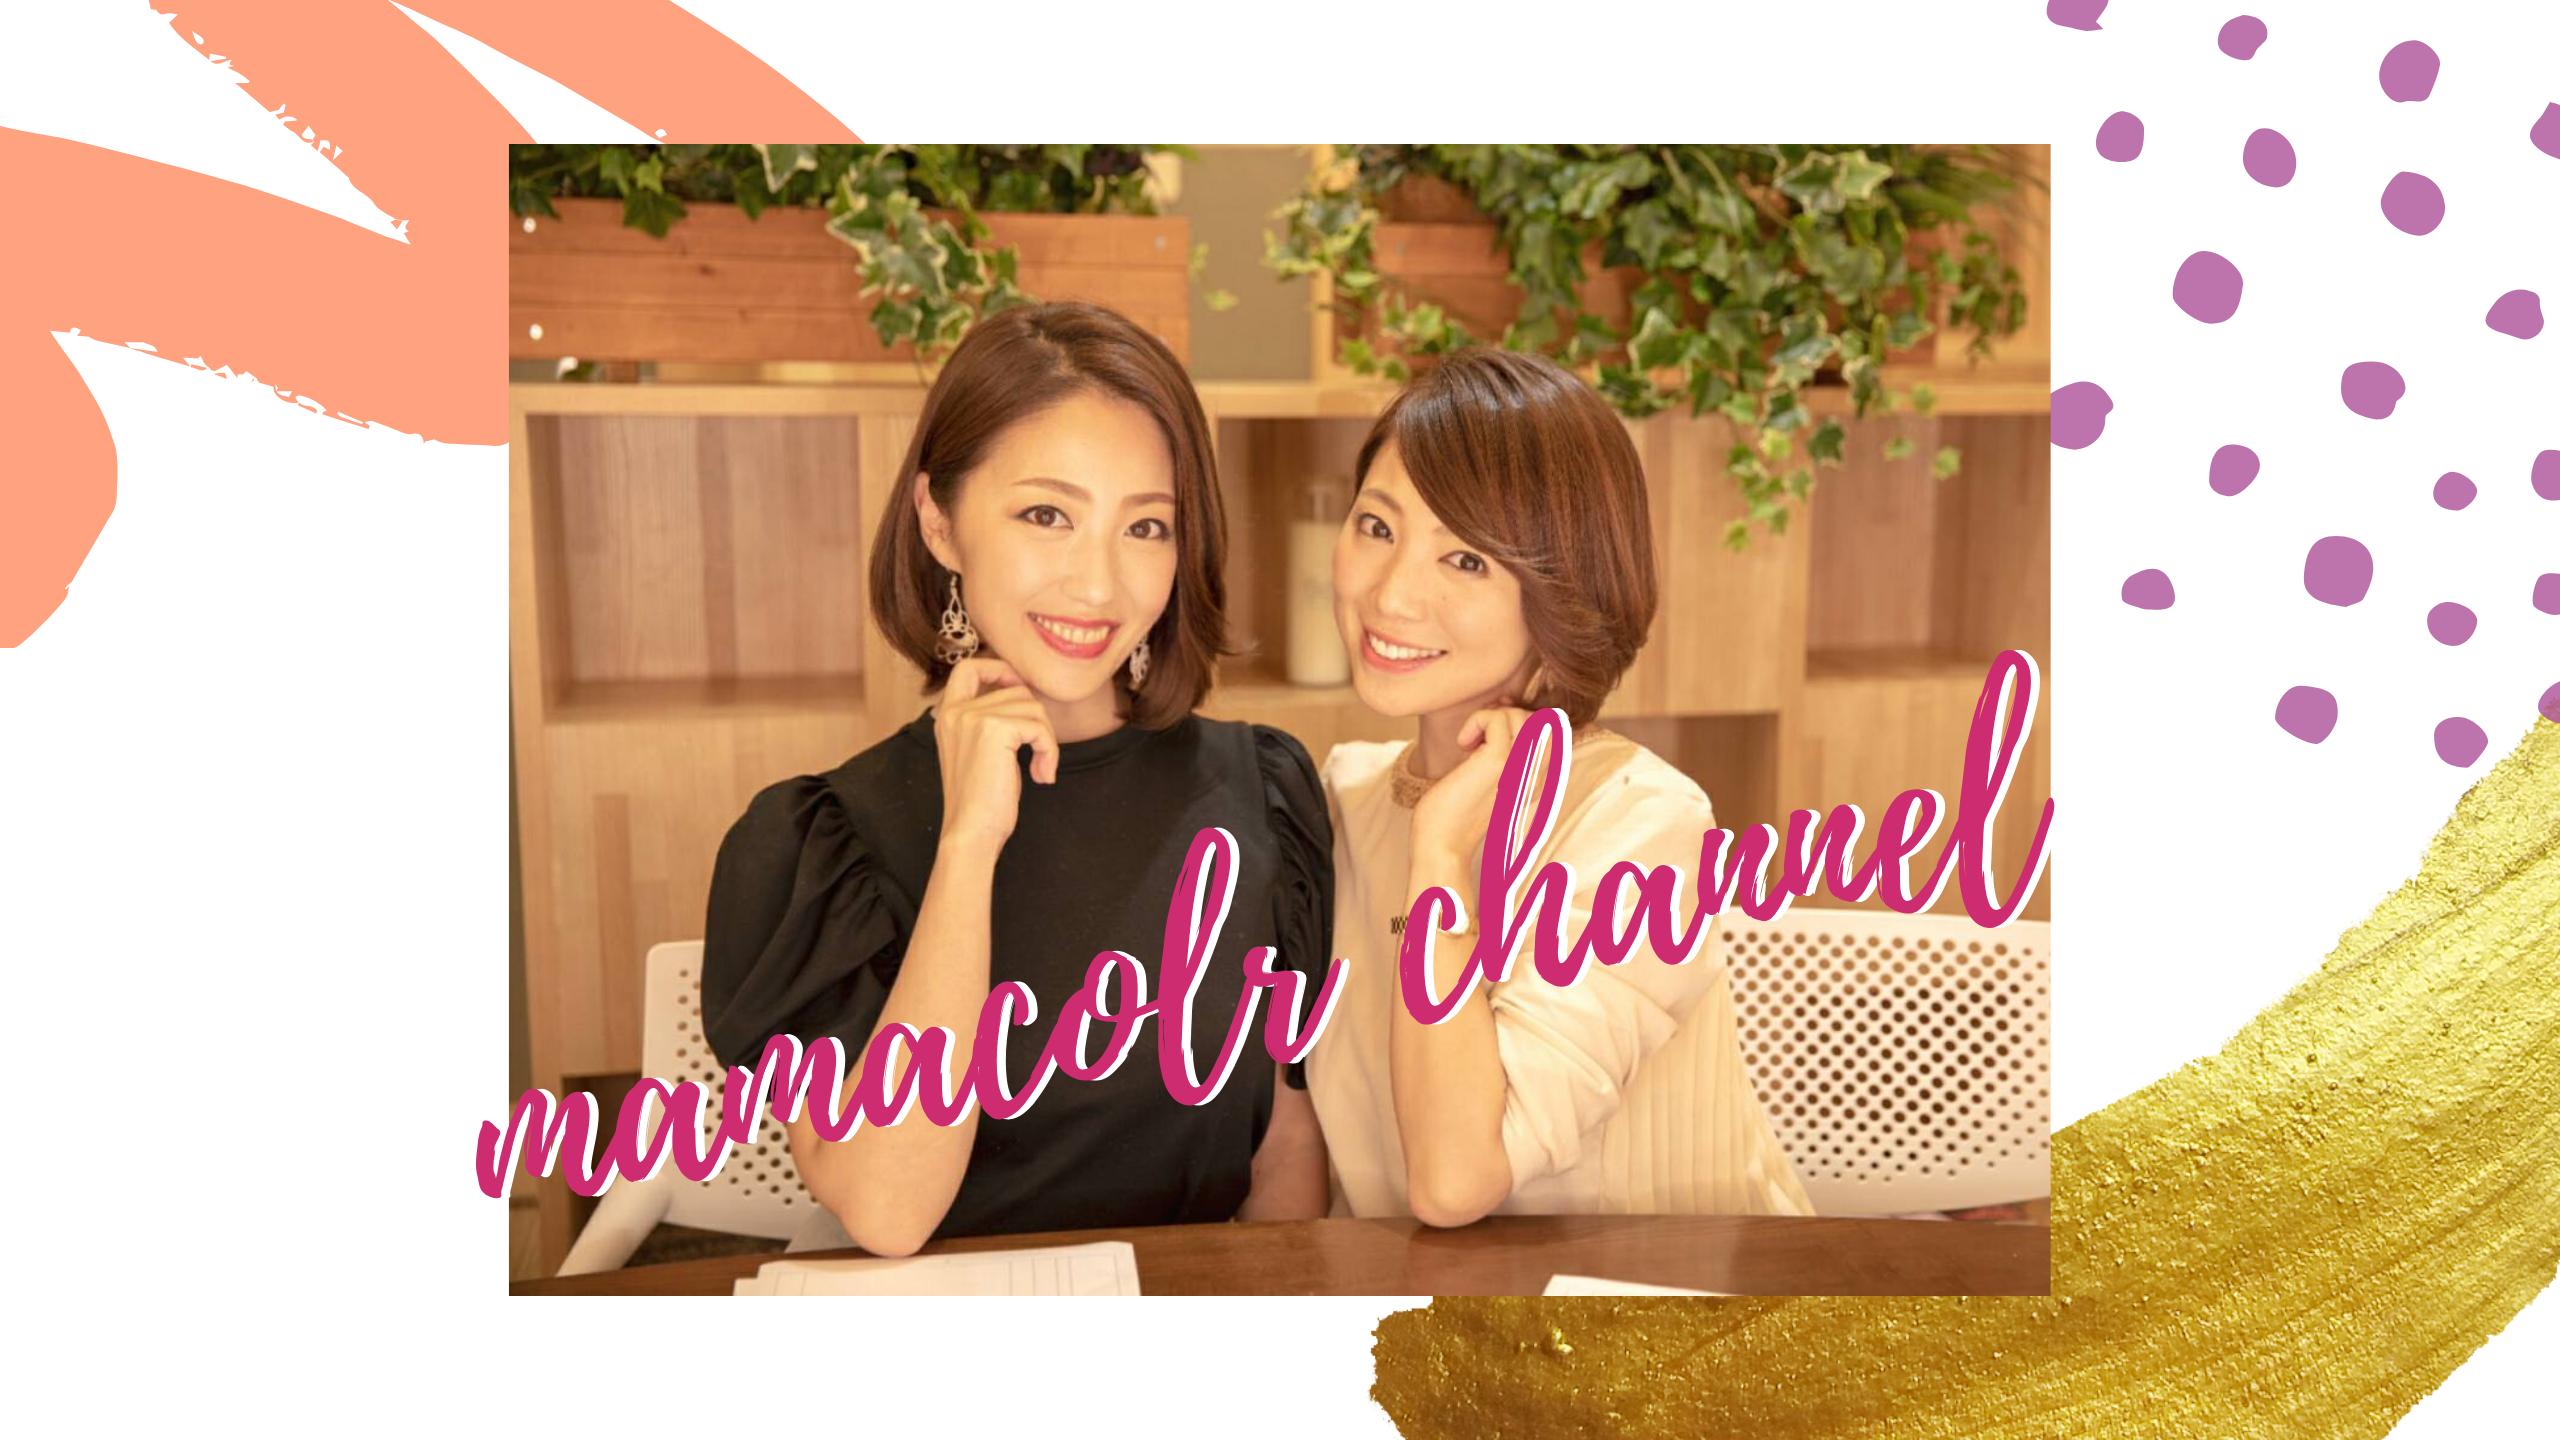 公式YouTubeチャンネル「ママカラチャンネル」 を11月22日(金)より配信をスタートします。